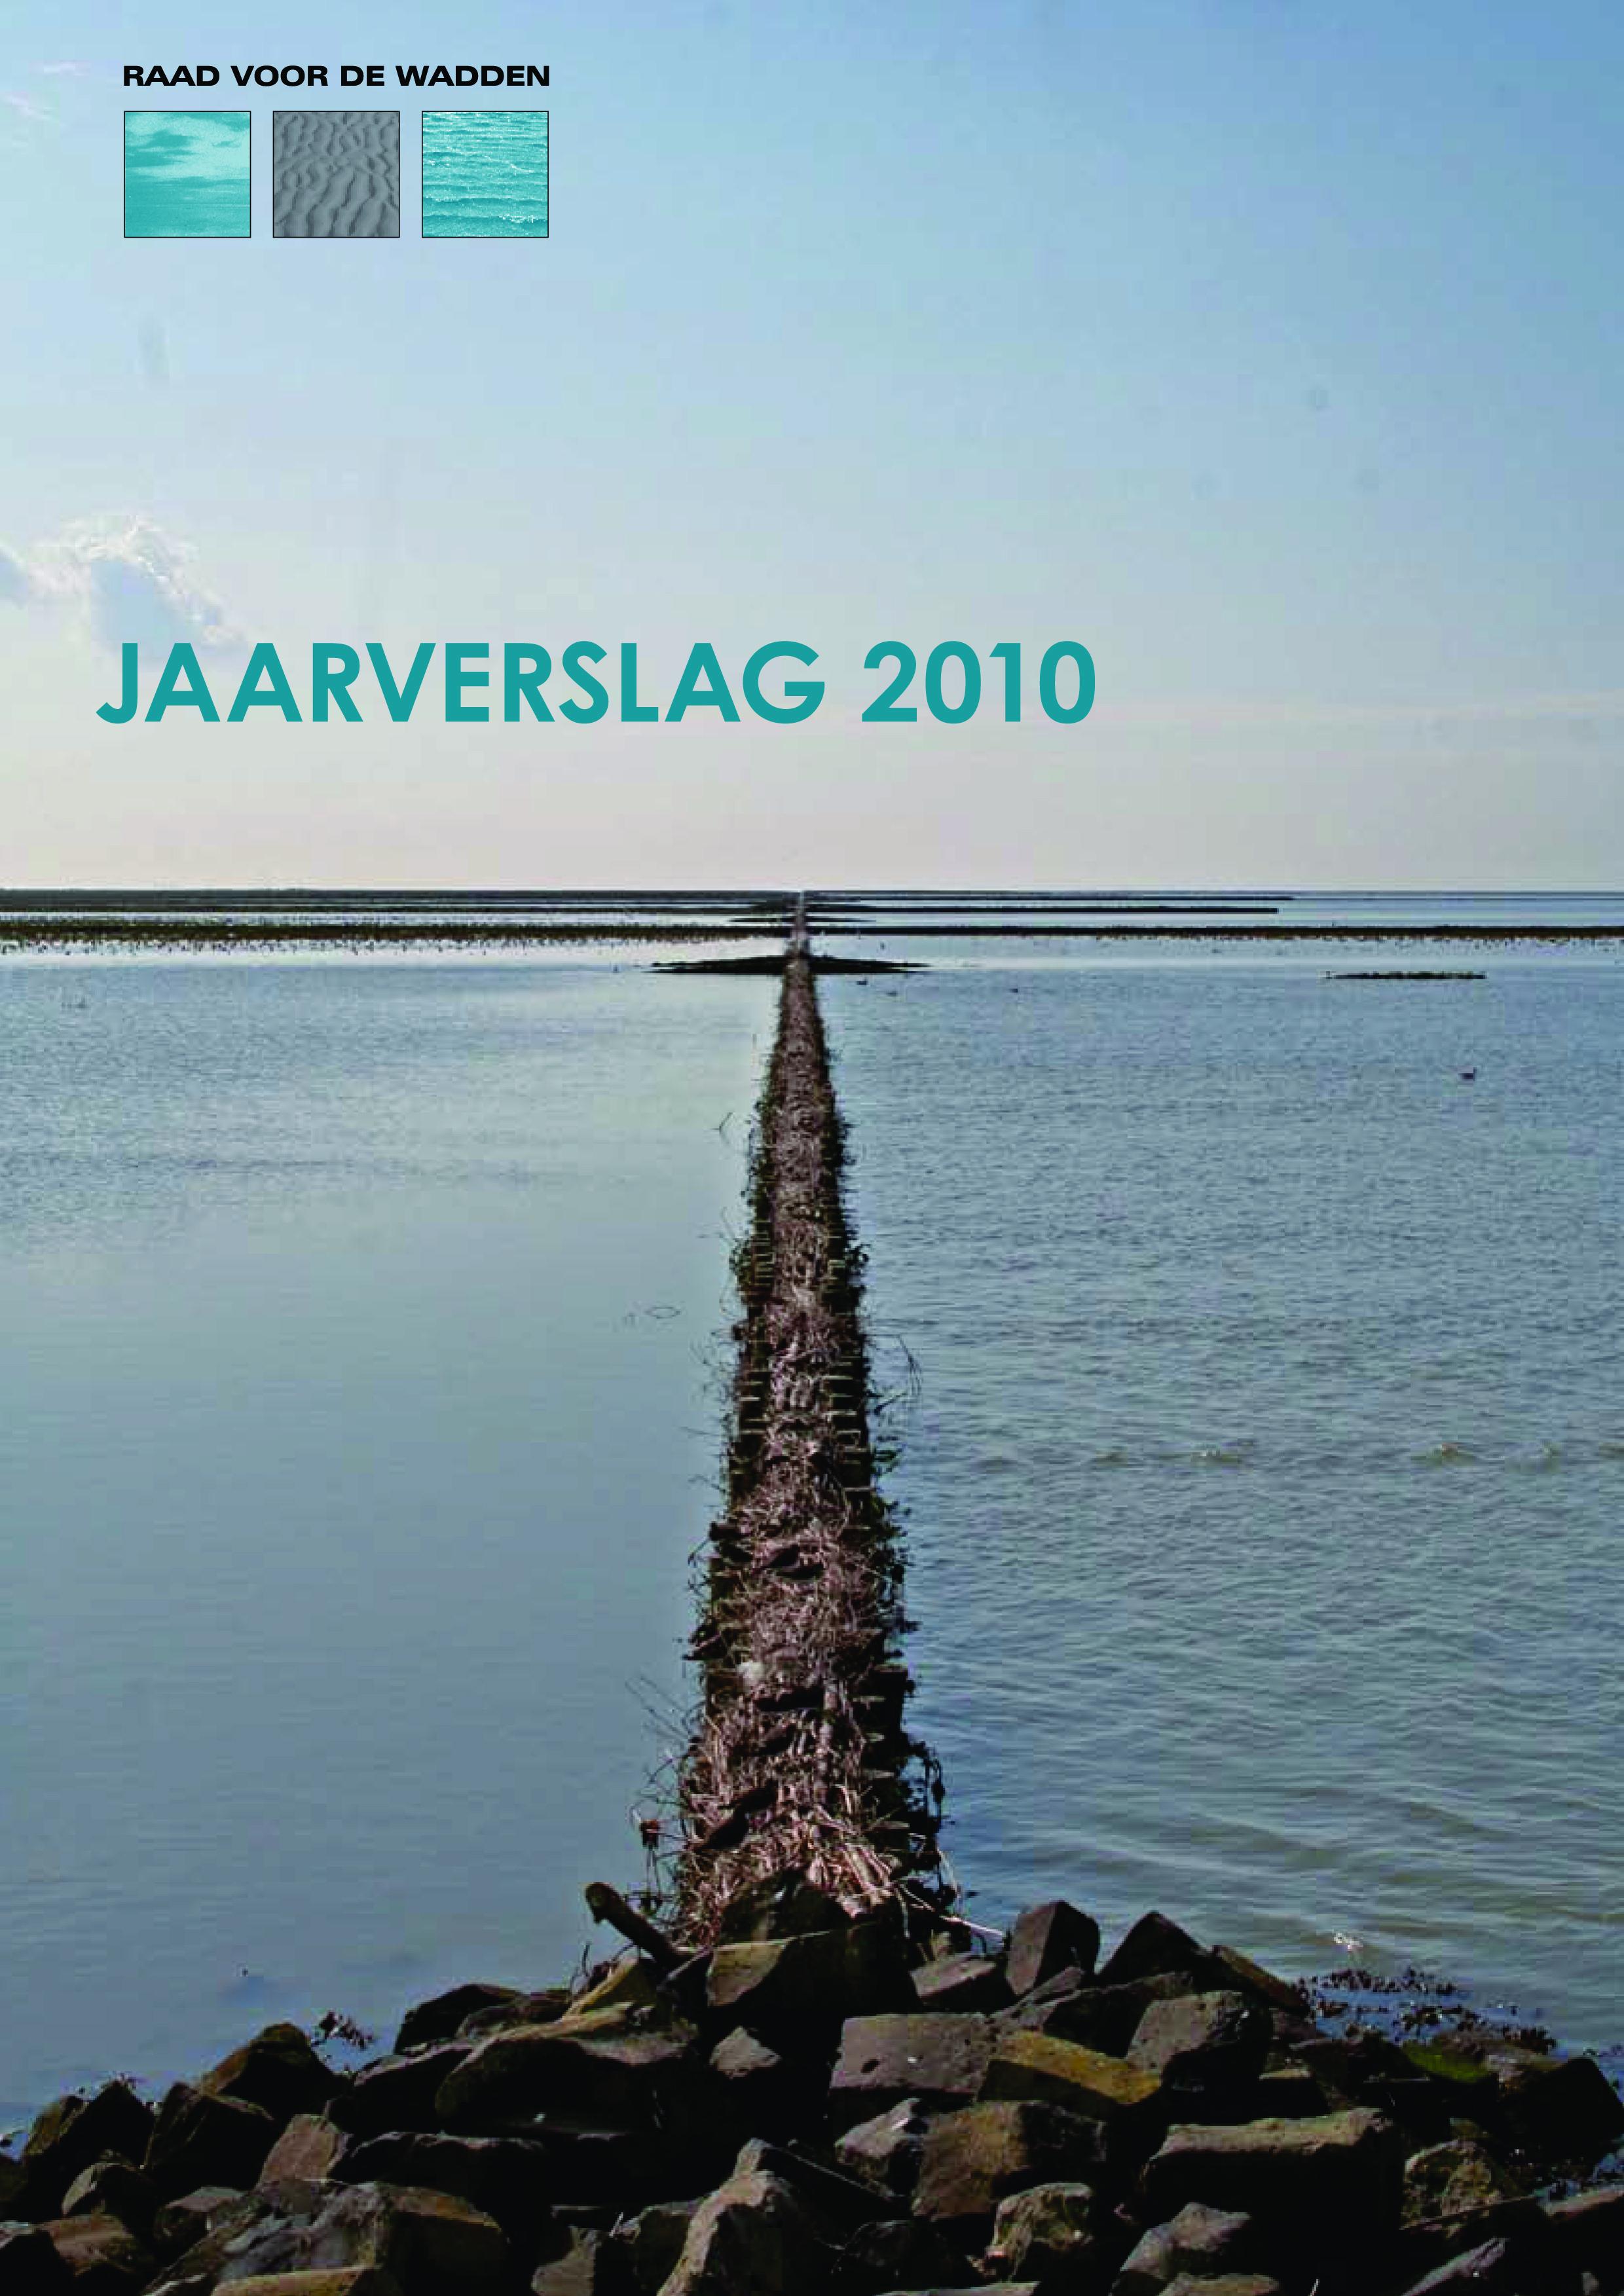 Omslagfoto jaarverslag Raad voor de Wadden 2010